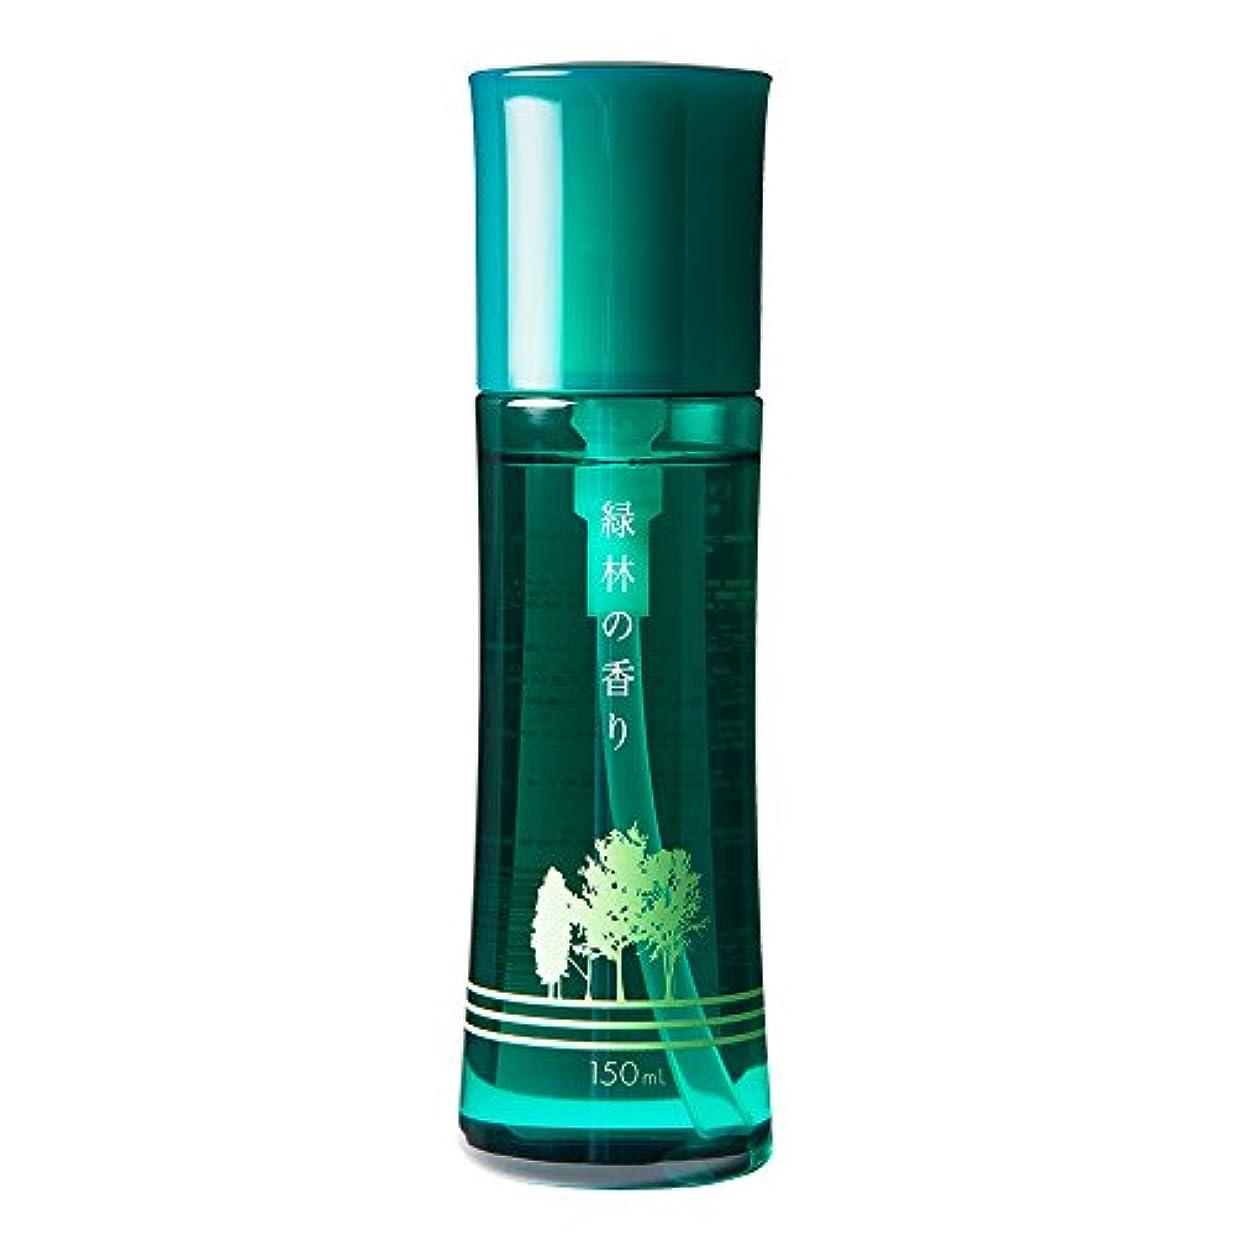 クライマックス遠洋の息切れ芳香剤「緑林の香り(みどりの香り)」150mL 日本予防医薬